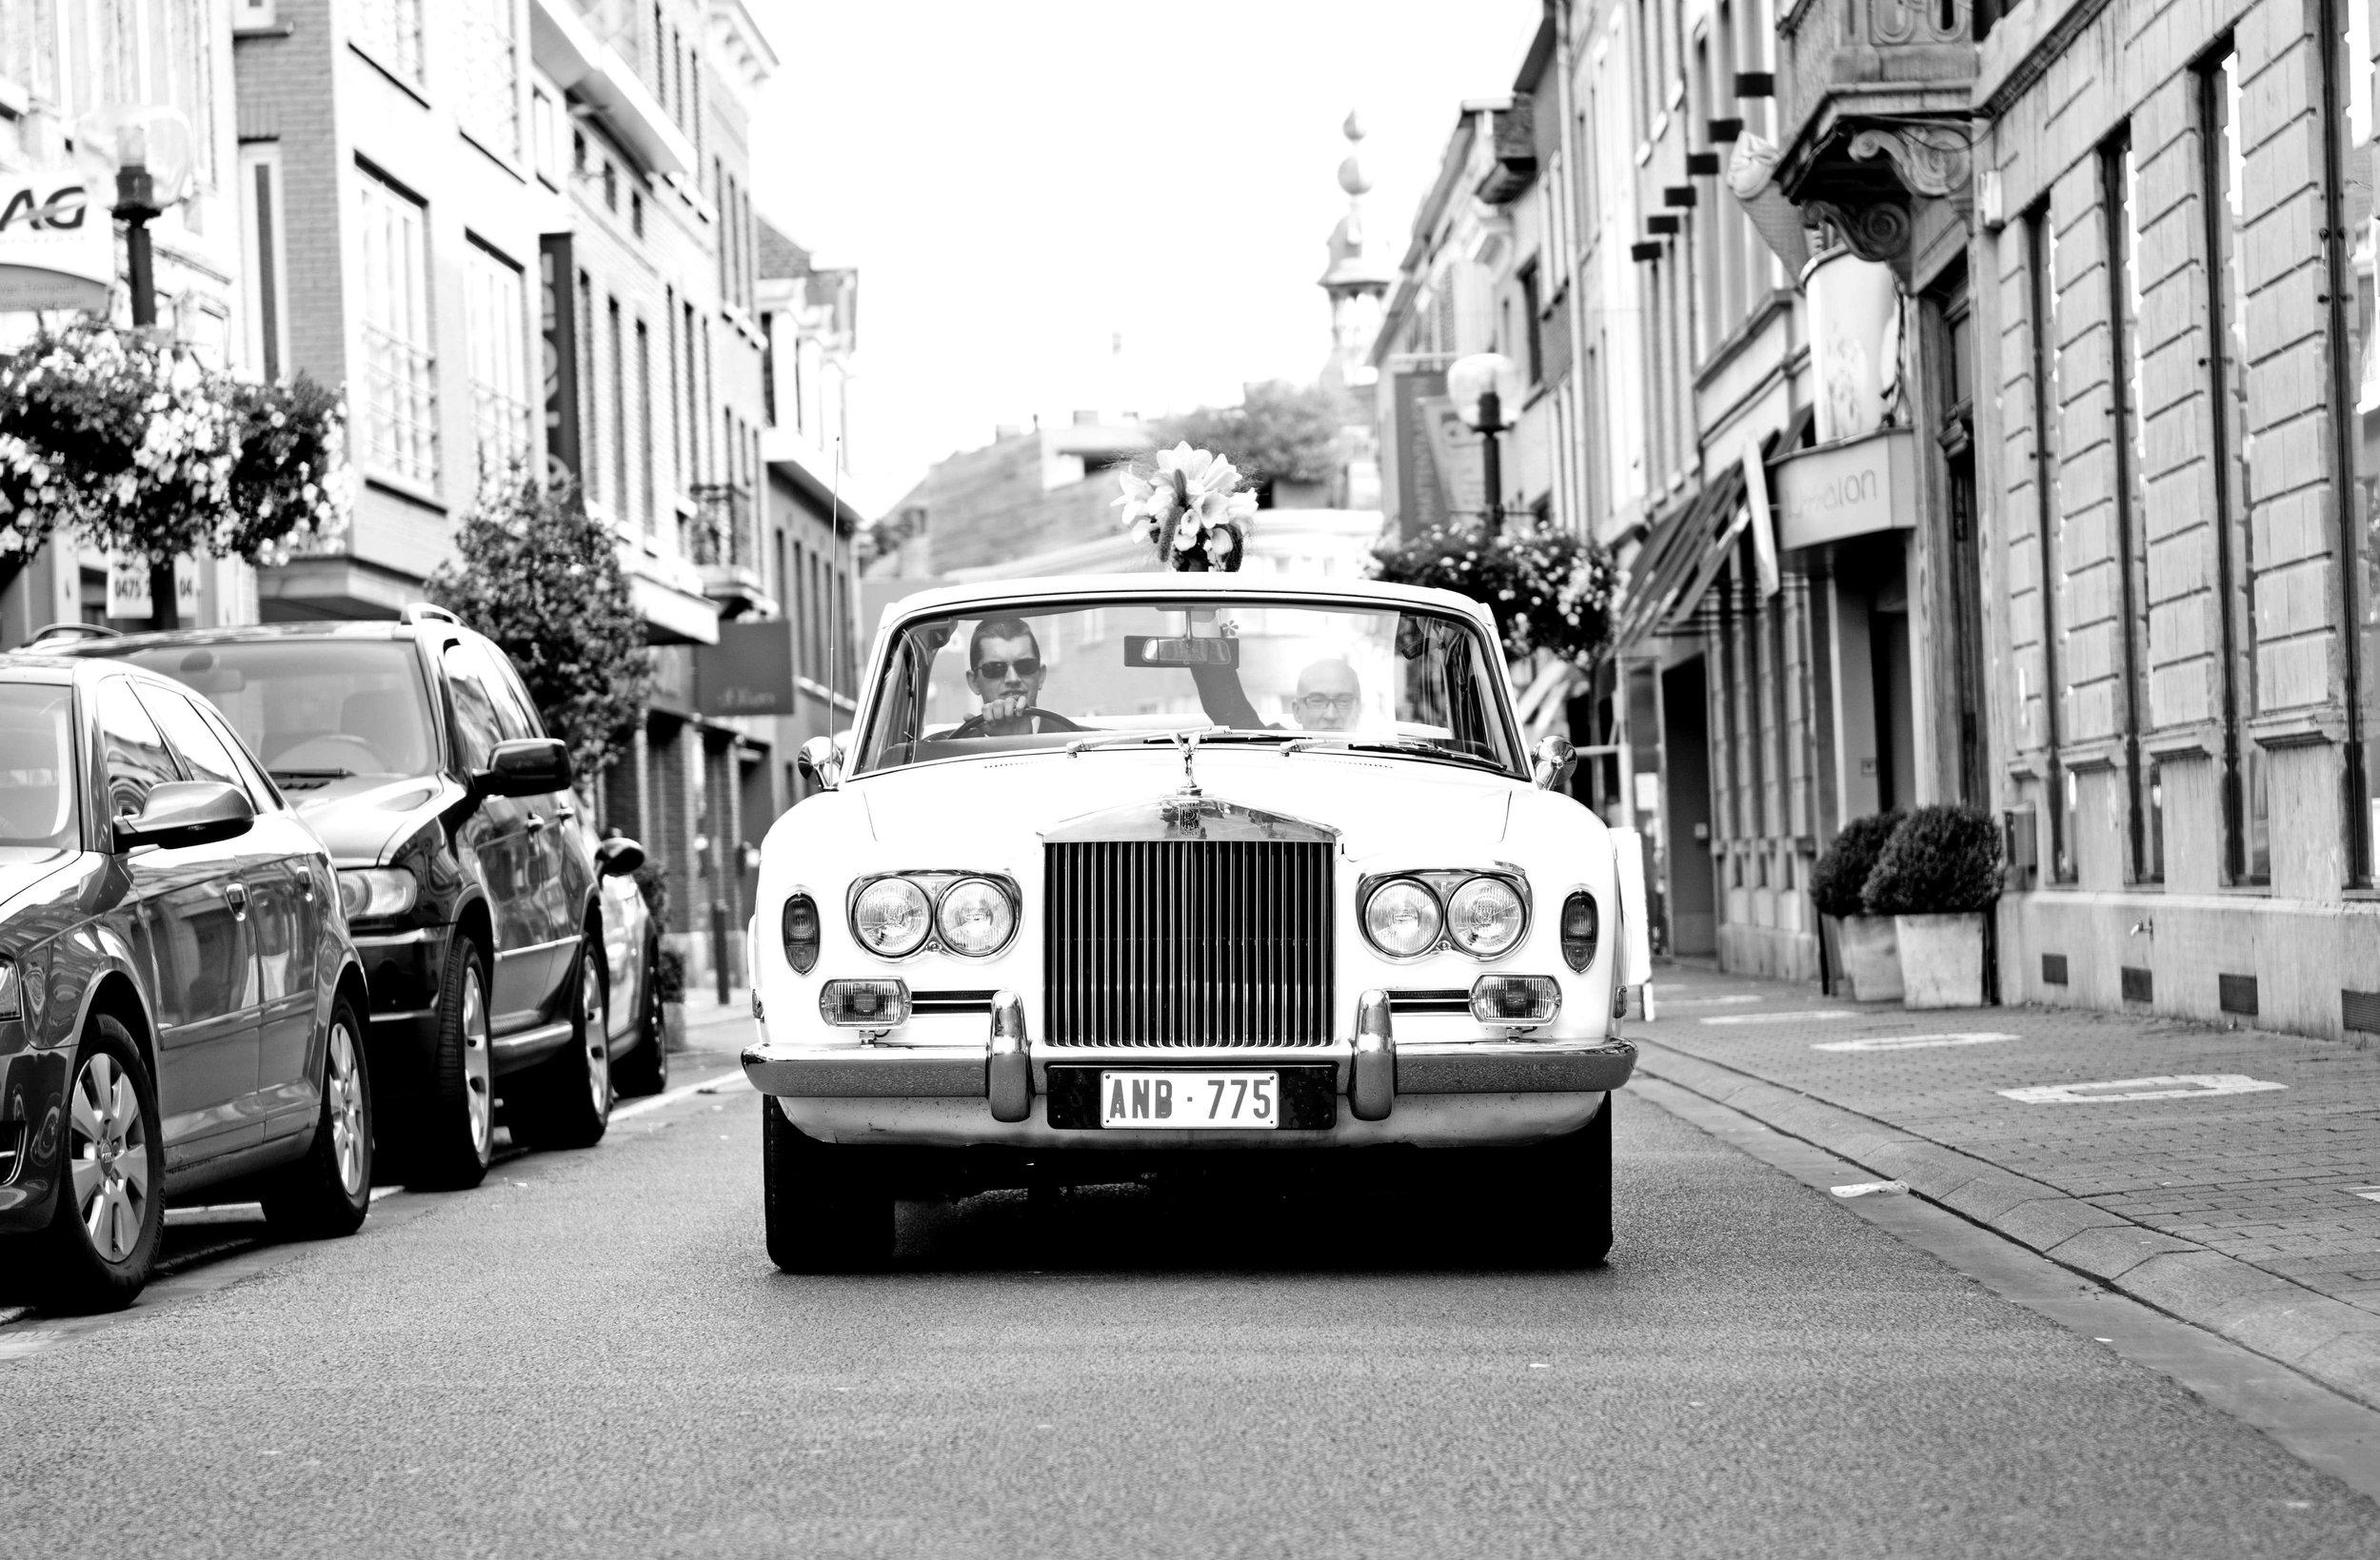 Bart Albrecht fotograaf photographer belgium belgie anbtwerpen antwerp wedding huwelijk huwelijksfotograaf trouwfotograaf trouw bruid bruidegom trouwkleed ceremonie weddingdress topphotographer topfotograaf beste best top 10 15.jpg